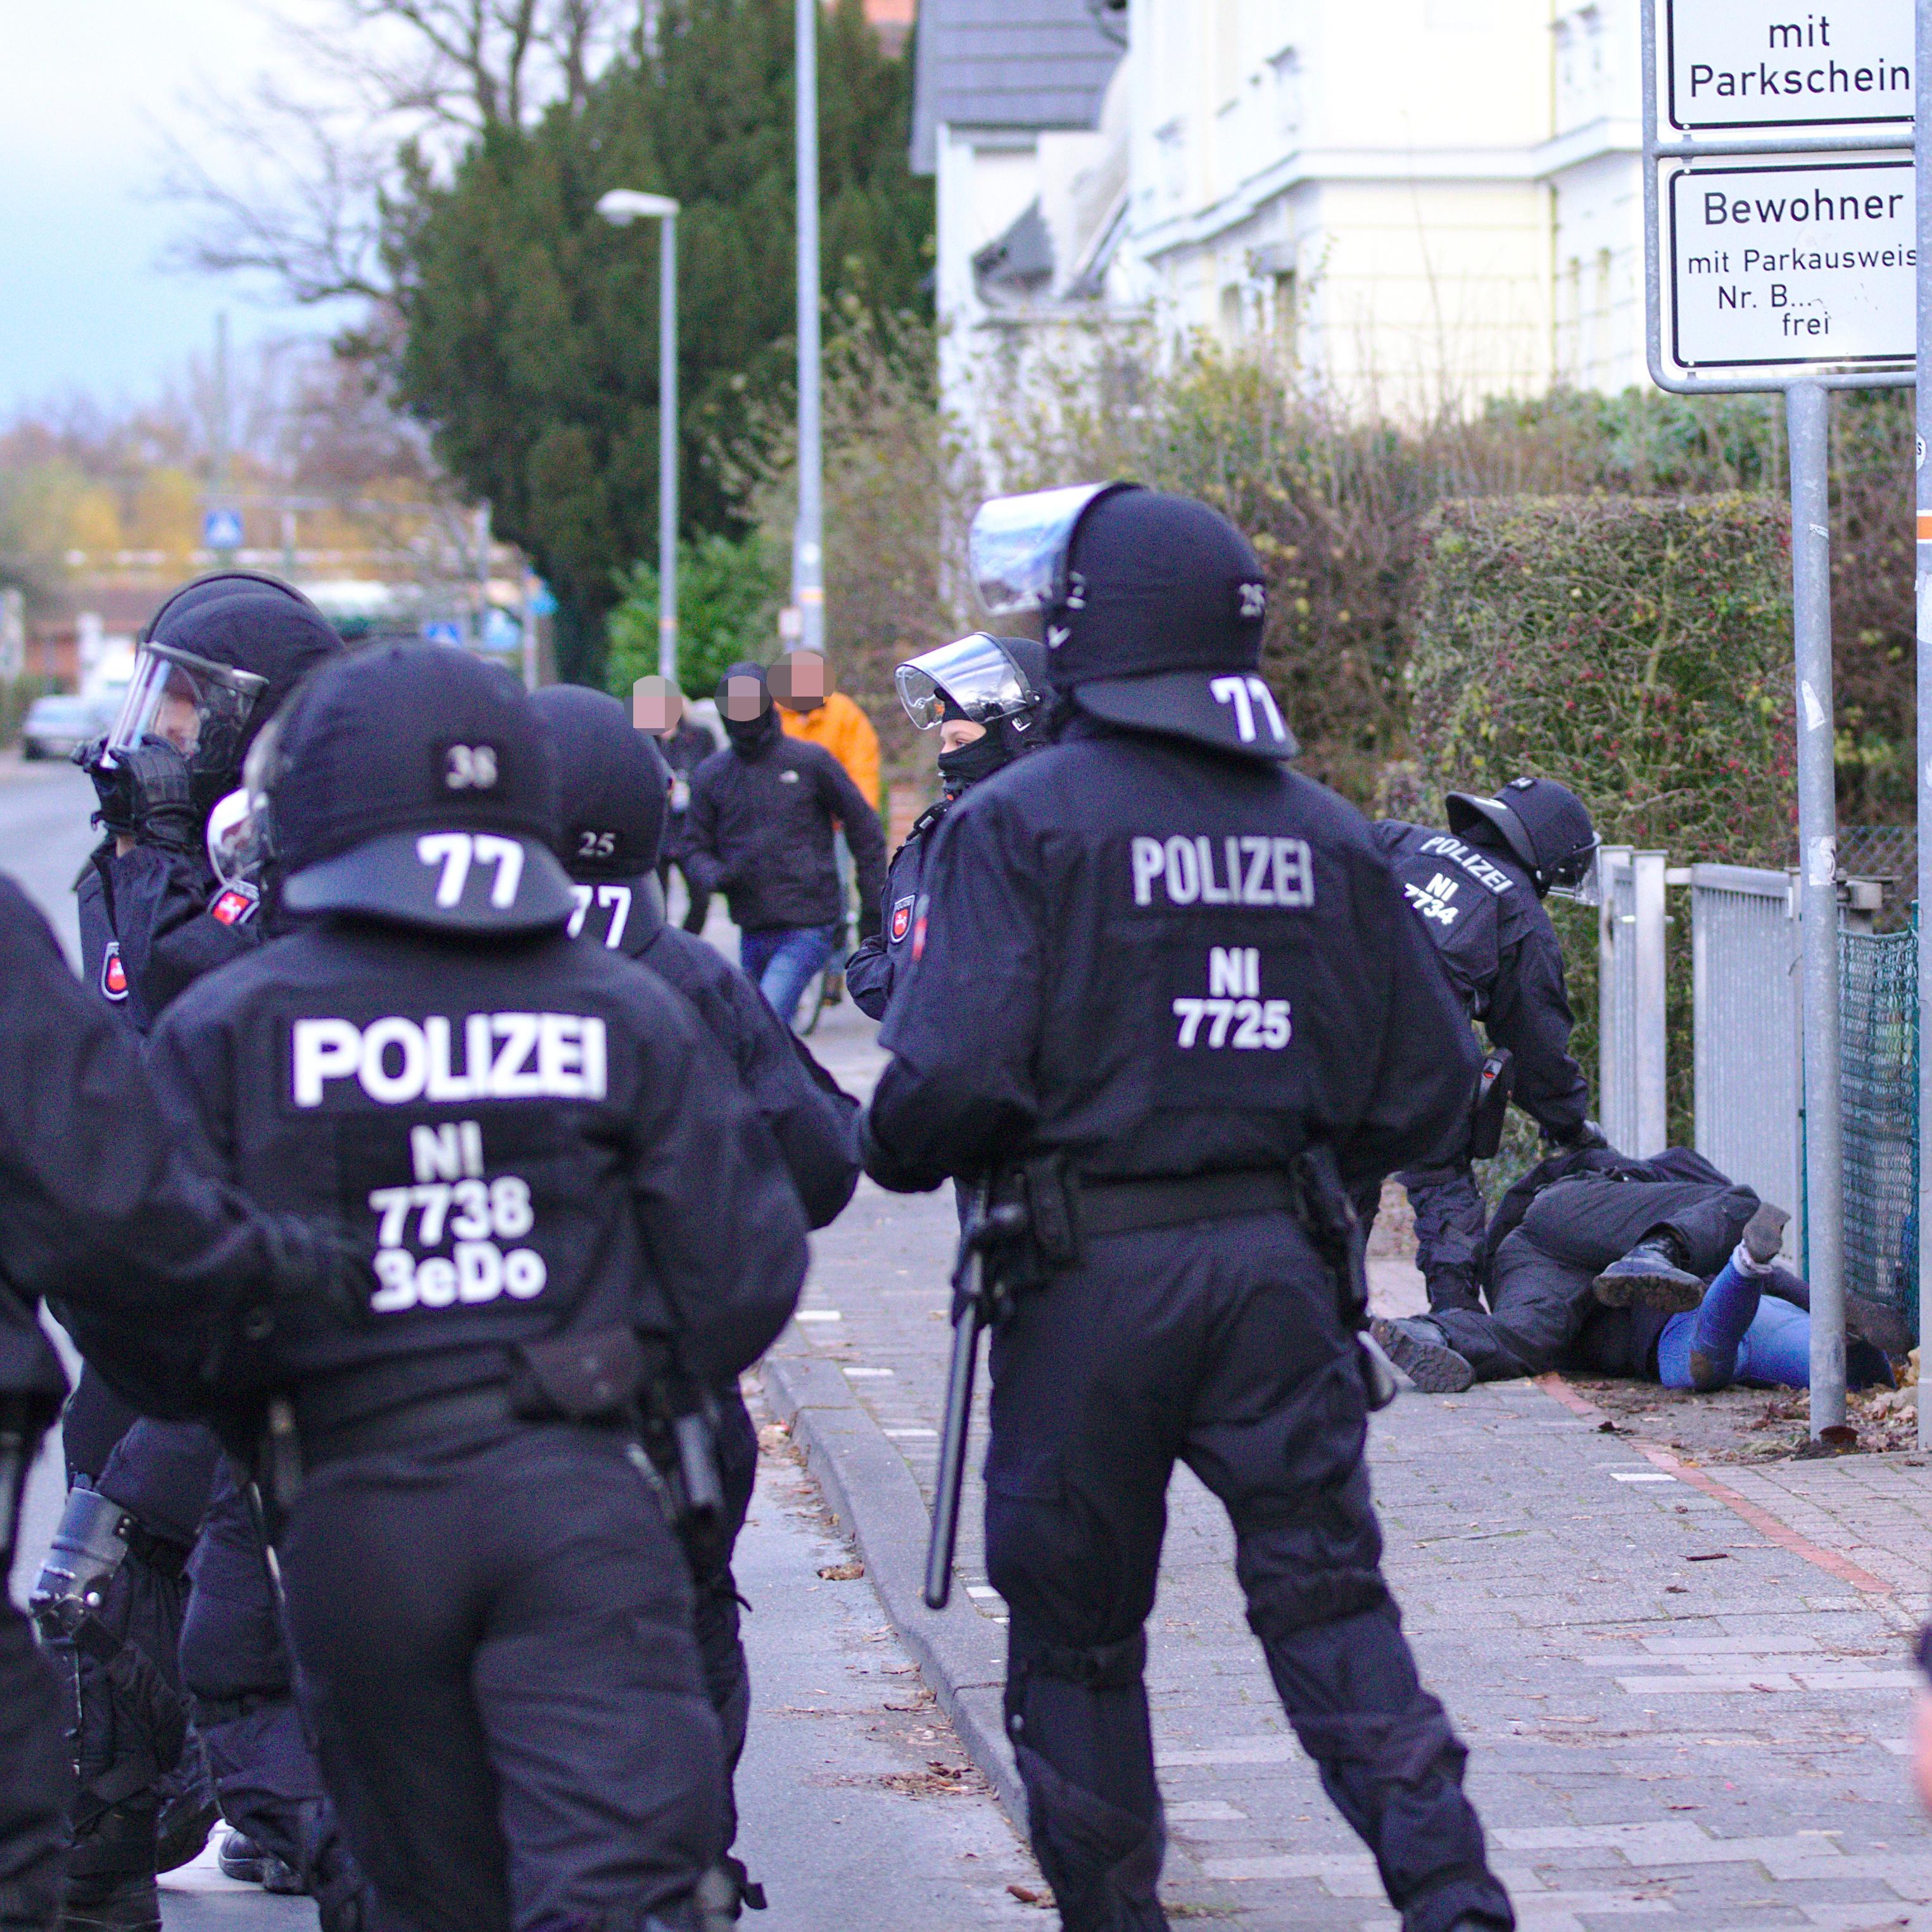 Gewaltsames Vorgehen der Polizei gegen Gegenprotestler*innen